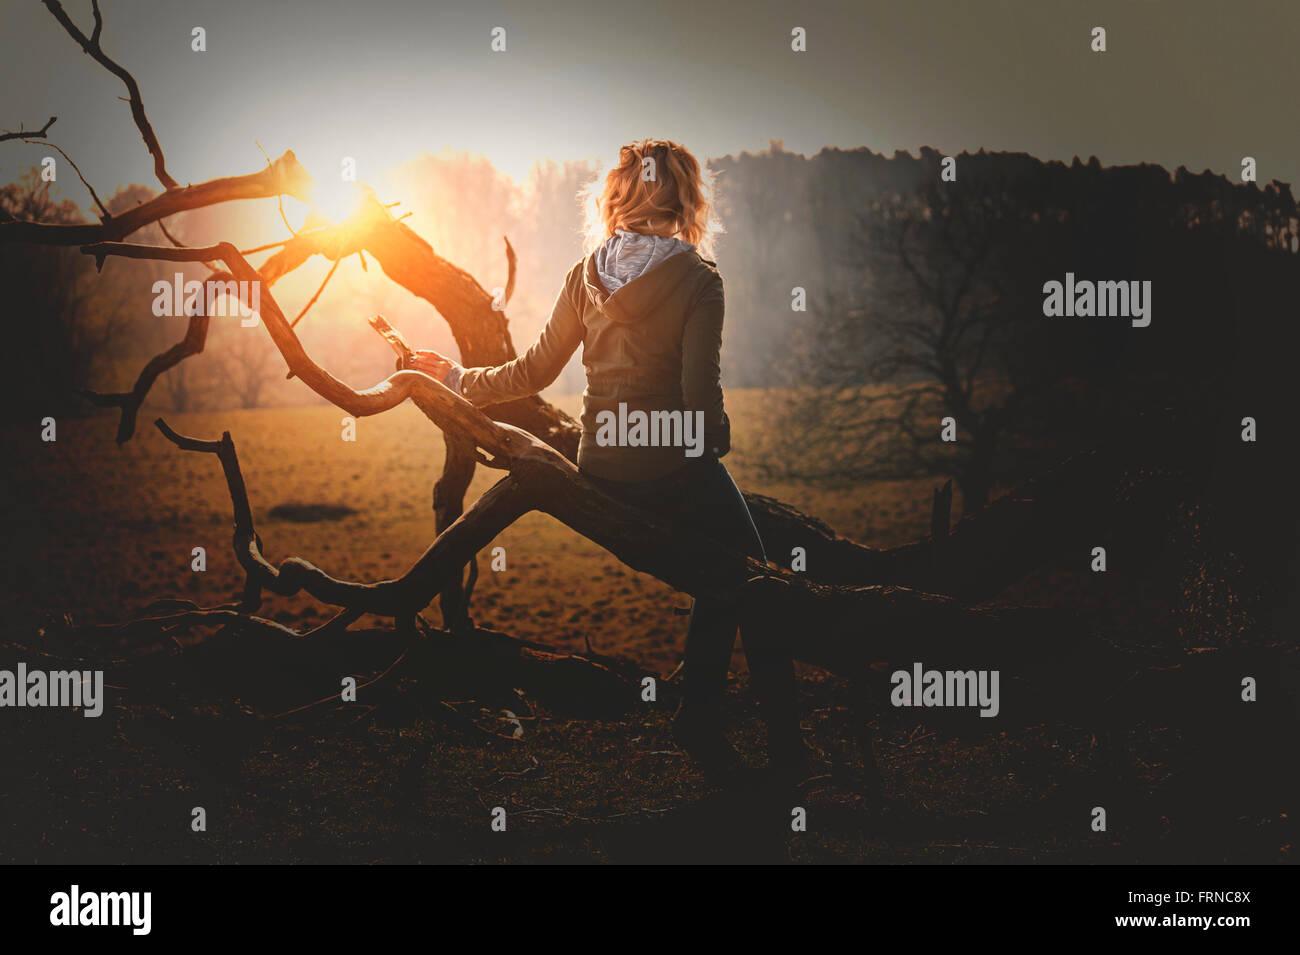 Jeune femme de l'emplacement sur un arbre tombé dans sunset park Photo Stock